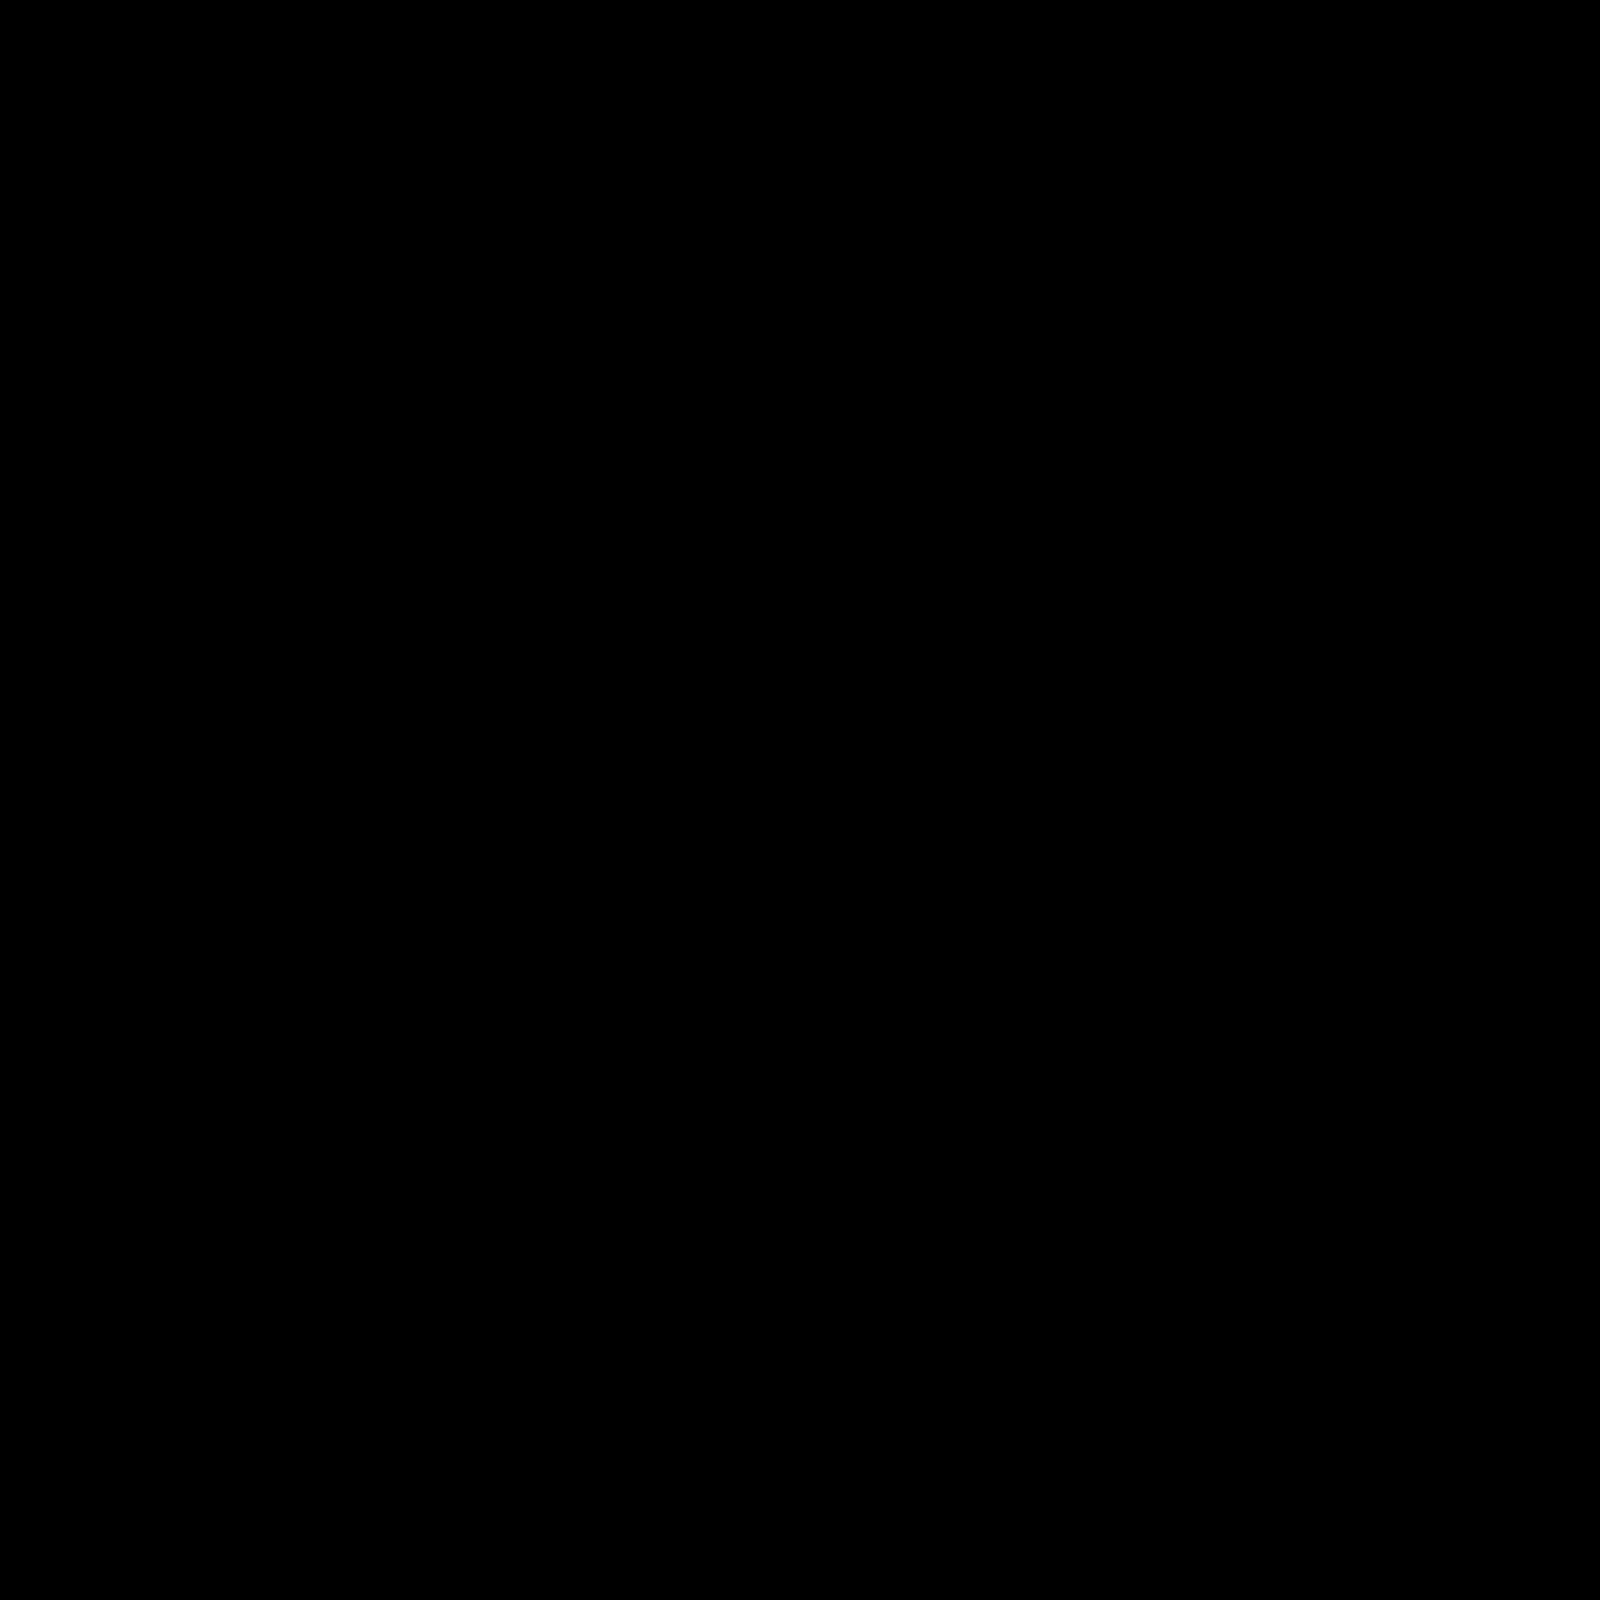 Саксофон альт icon